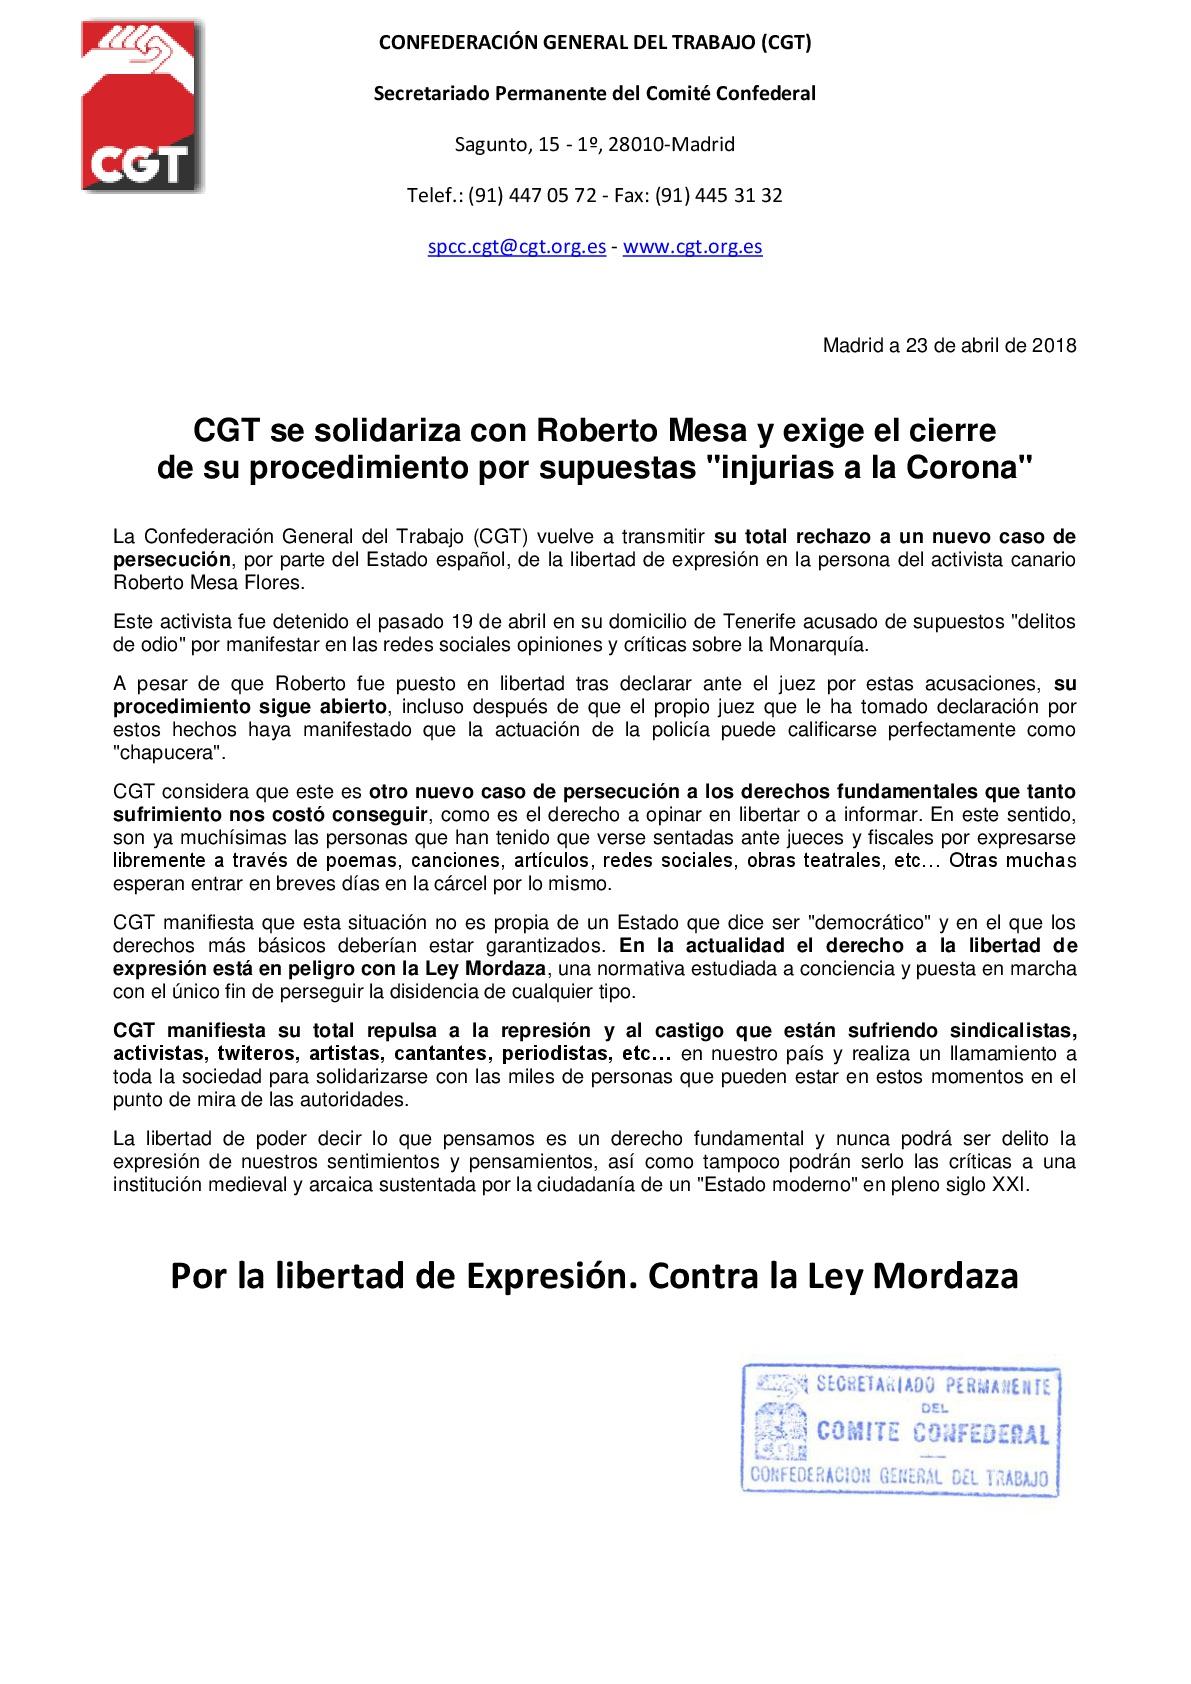 CGT se solidariza con Roberto Mesa y exige el cierre de su procedimiento-001